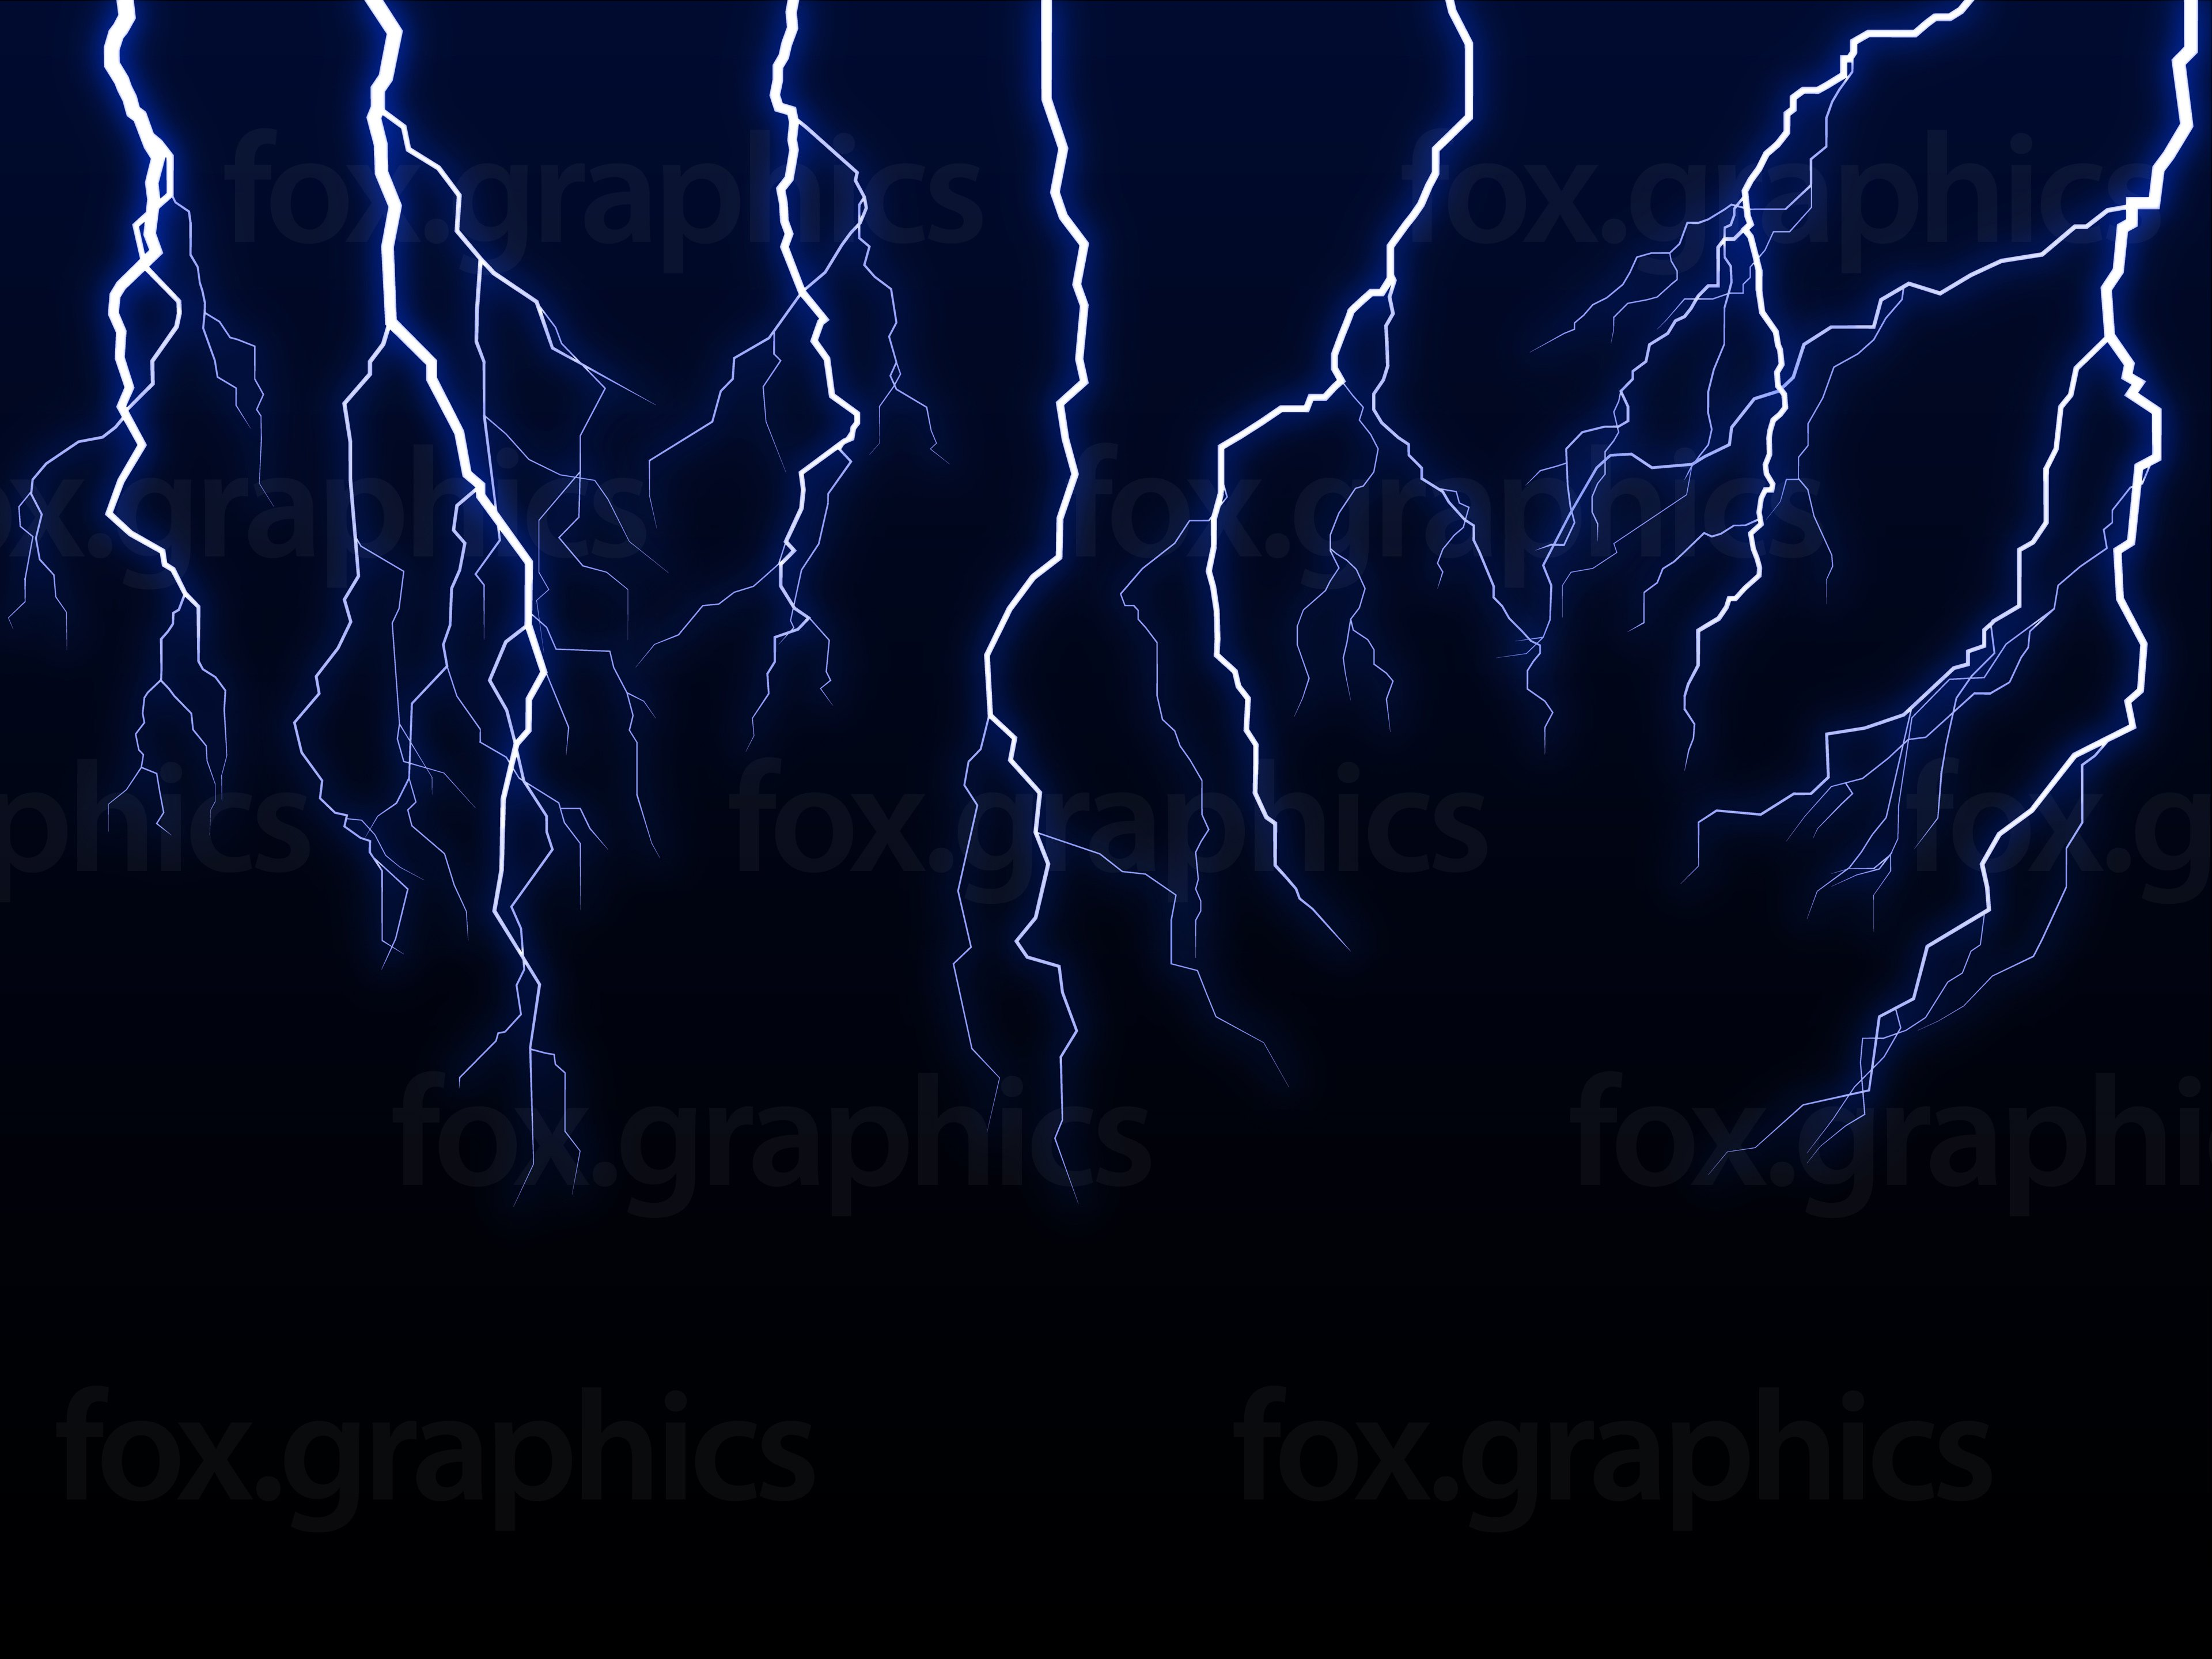 Lightning Bolt ... Red Fox Illustration